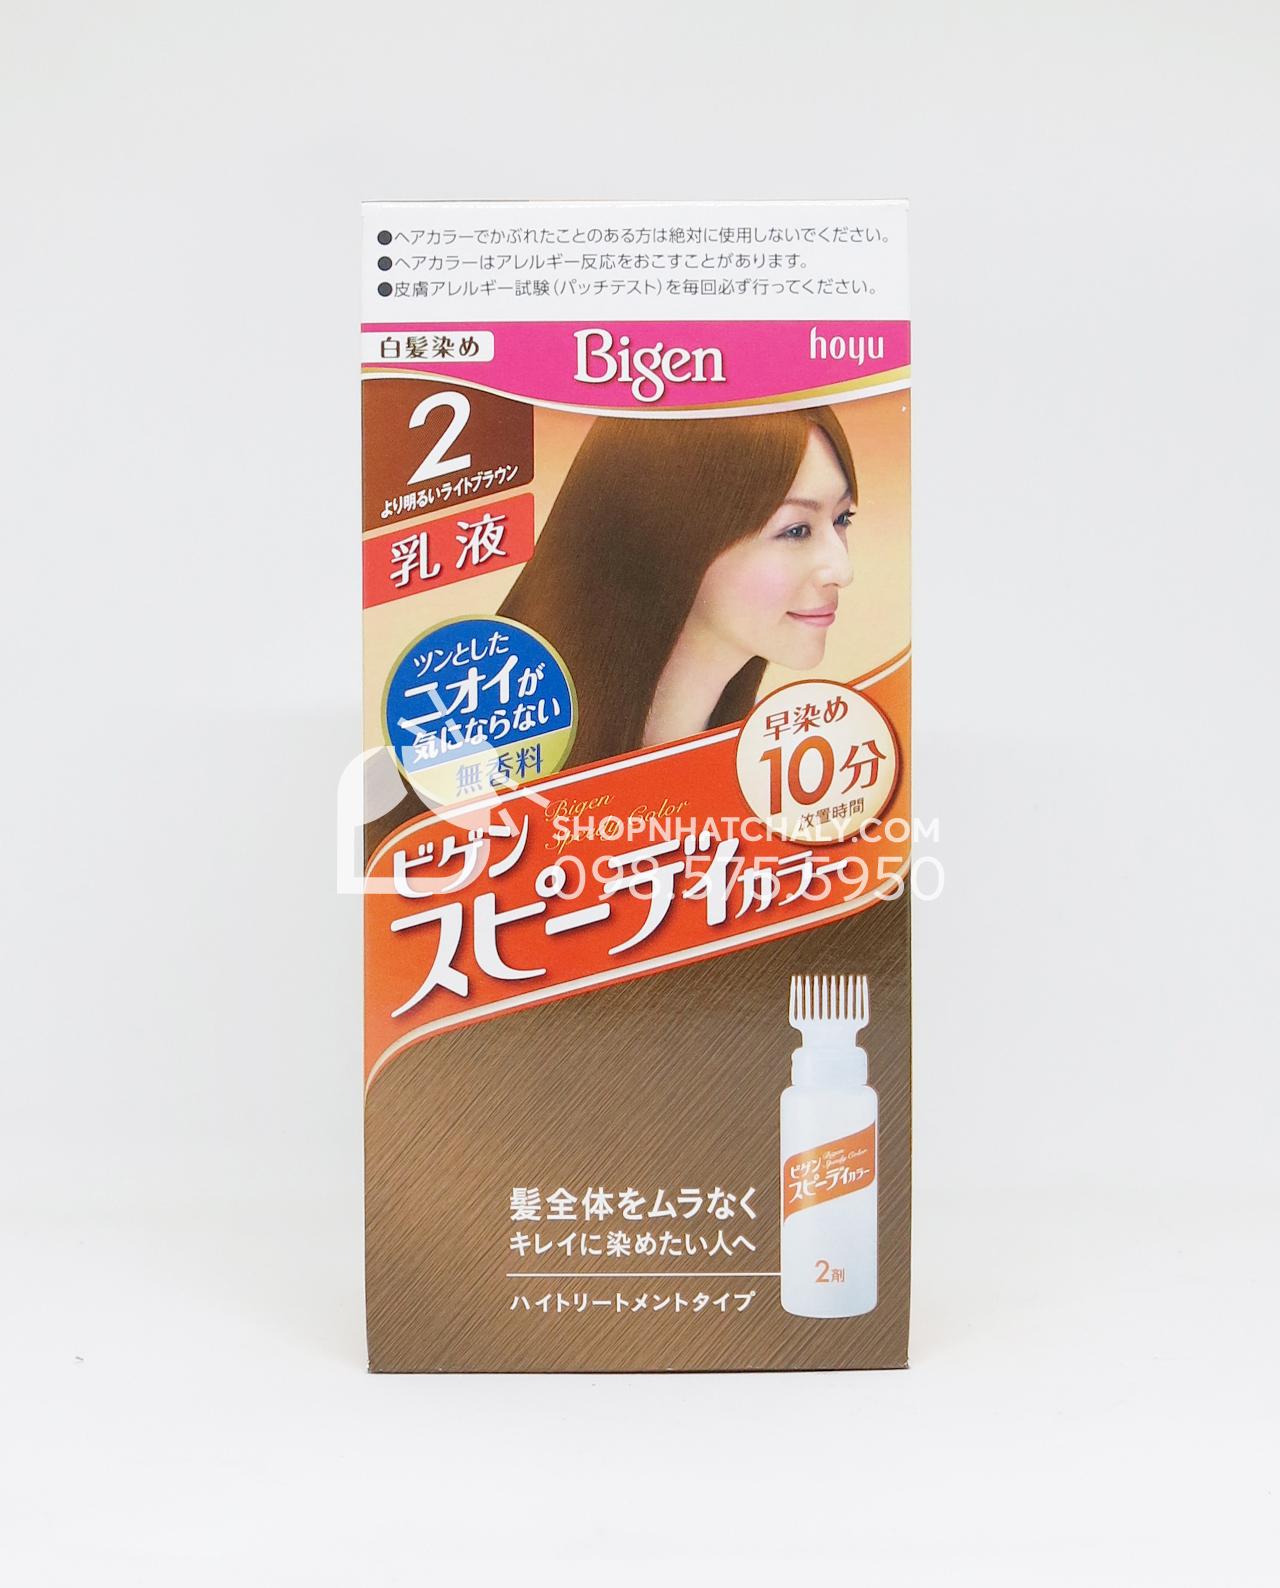 Thuốc nhuộm tóc Bigen Speedy 2G dạng bình